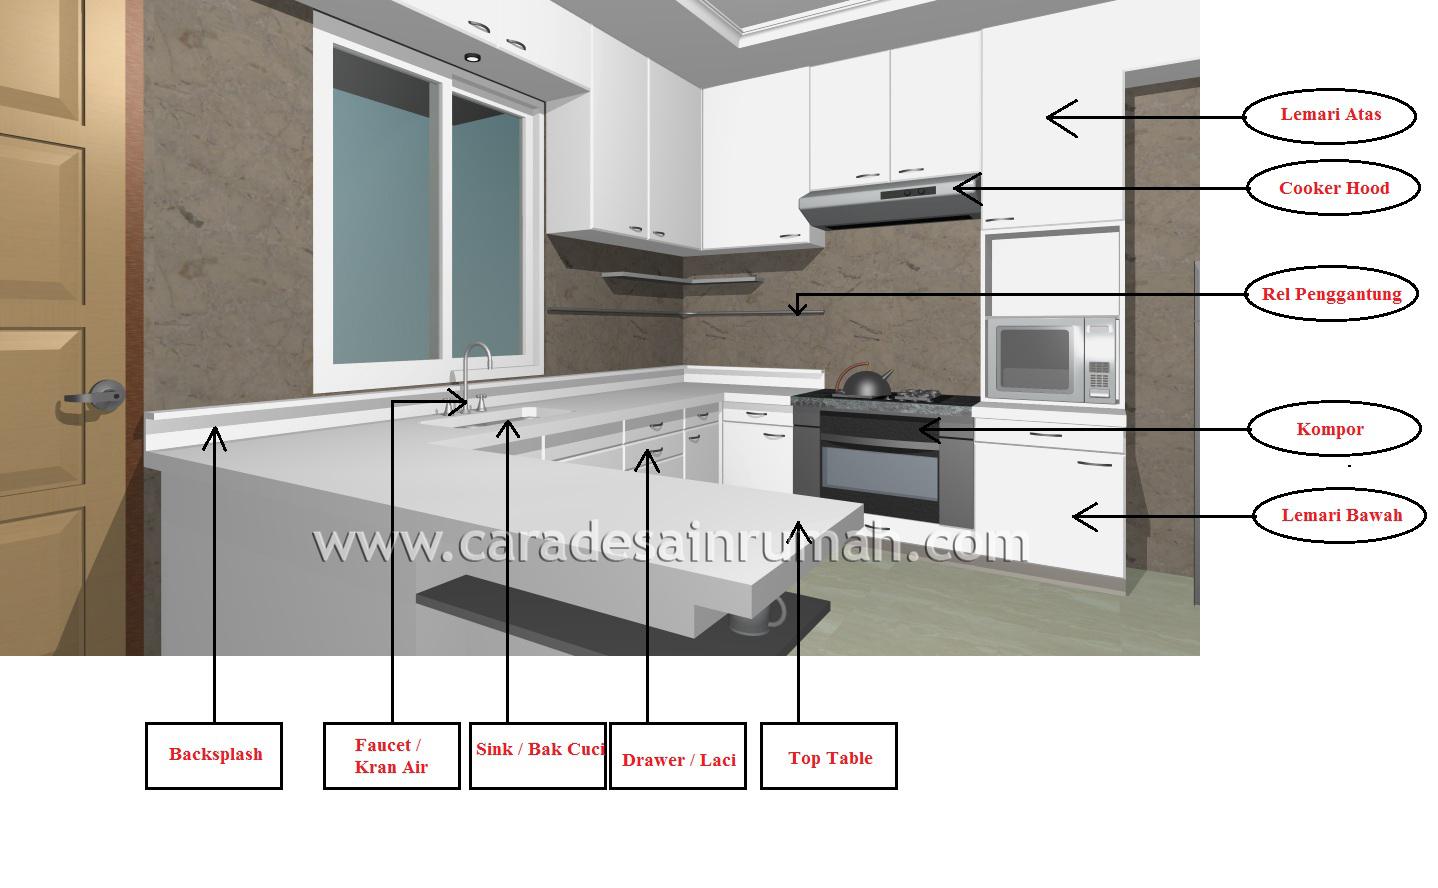 Contoh sebuah kitchen set